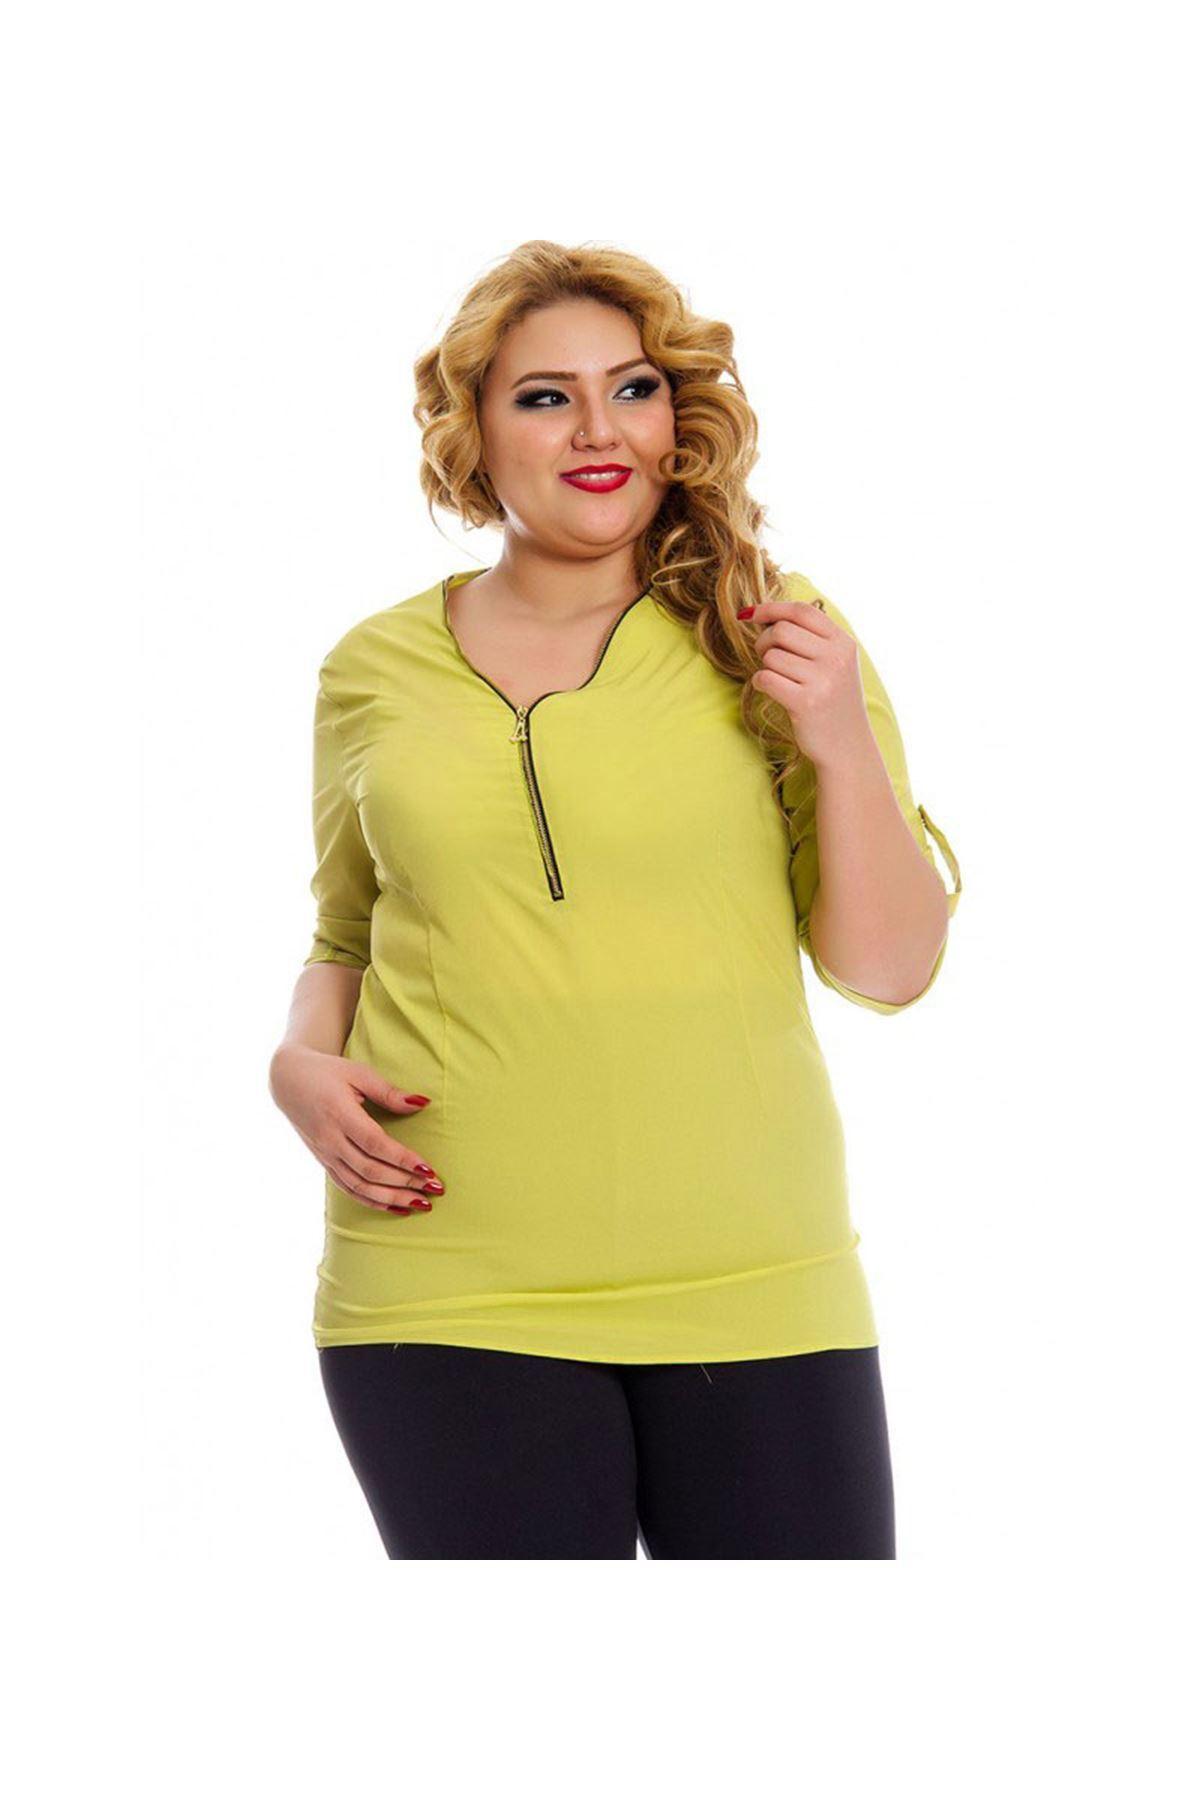 Büyük Beden Fıstık Yeşili Kadın Tunik G5-130950